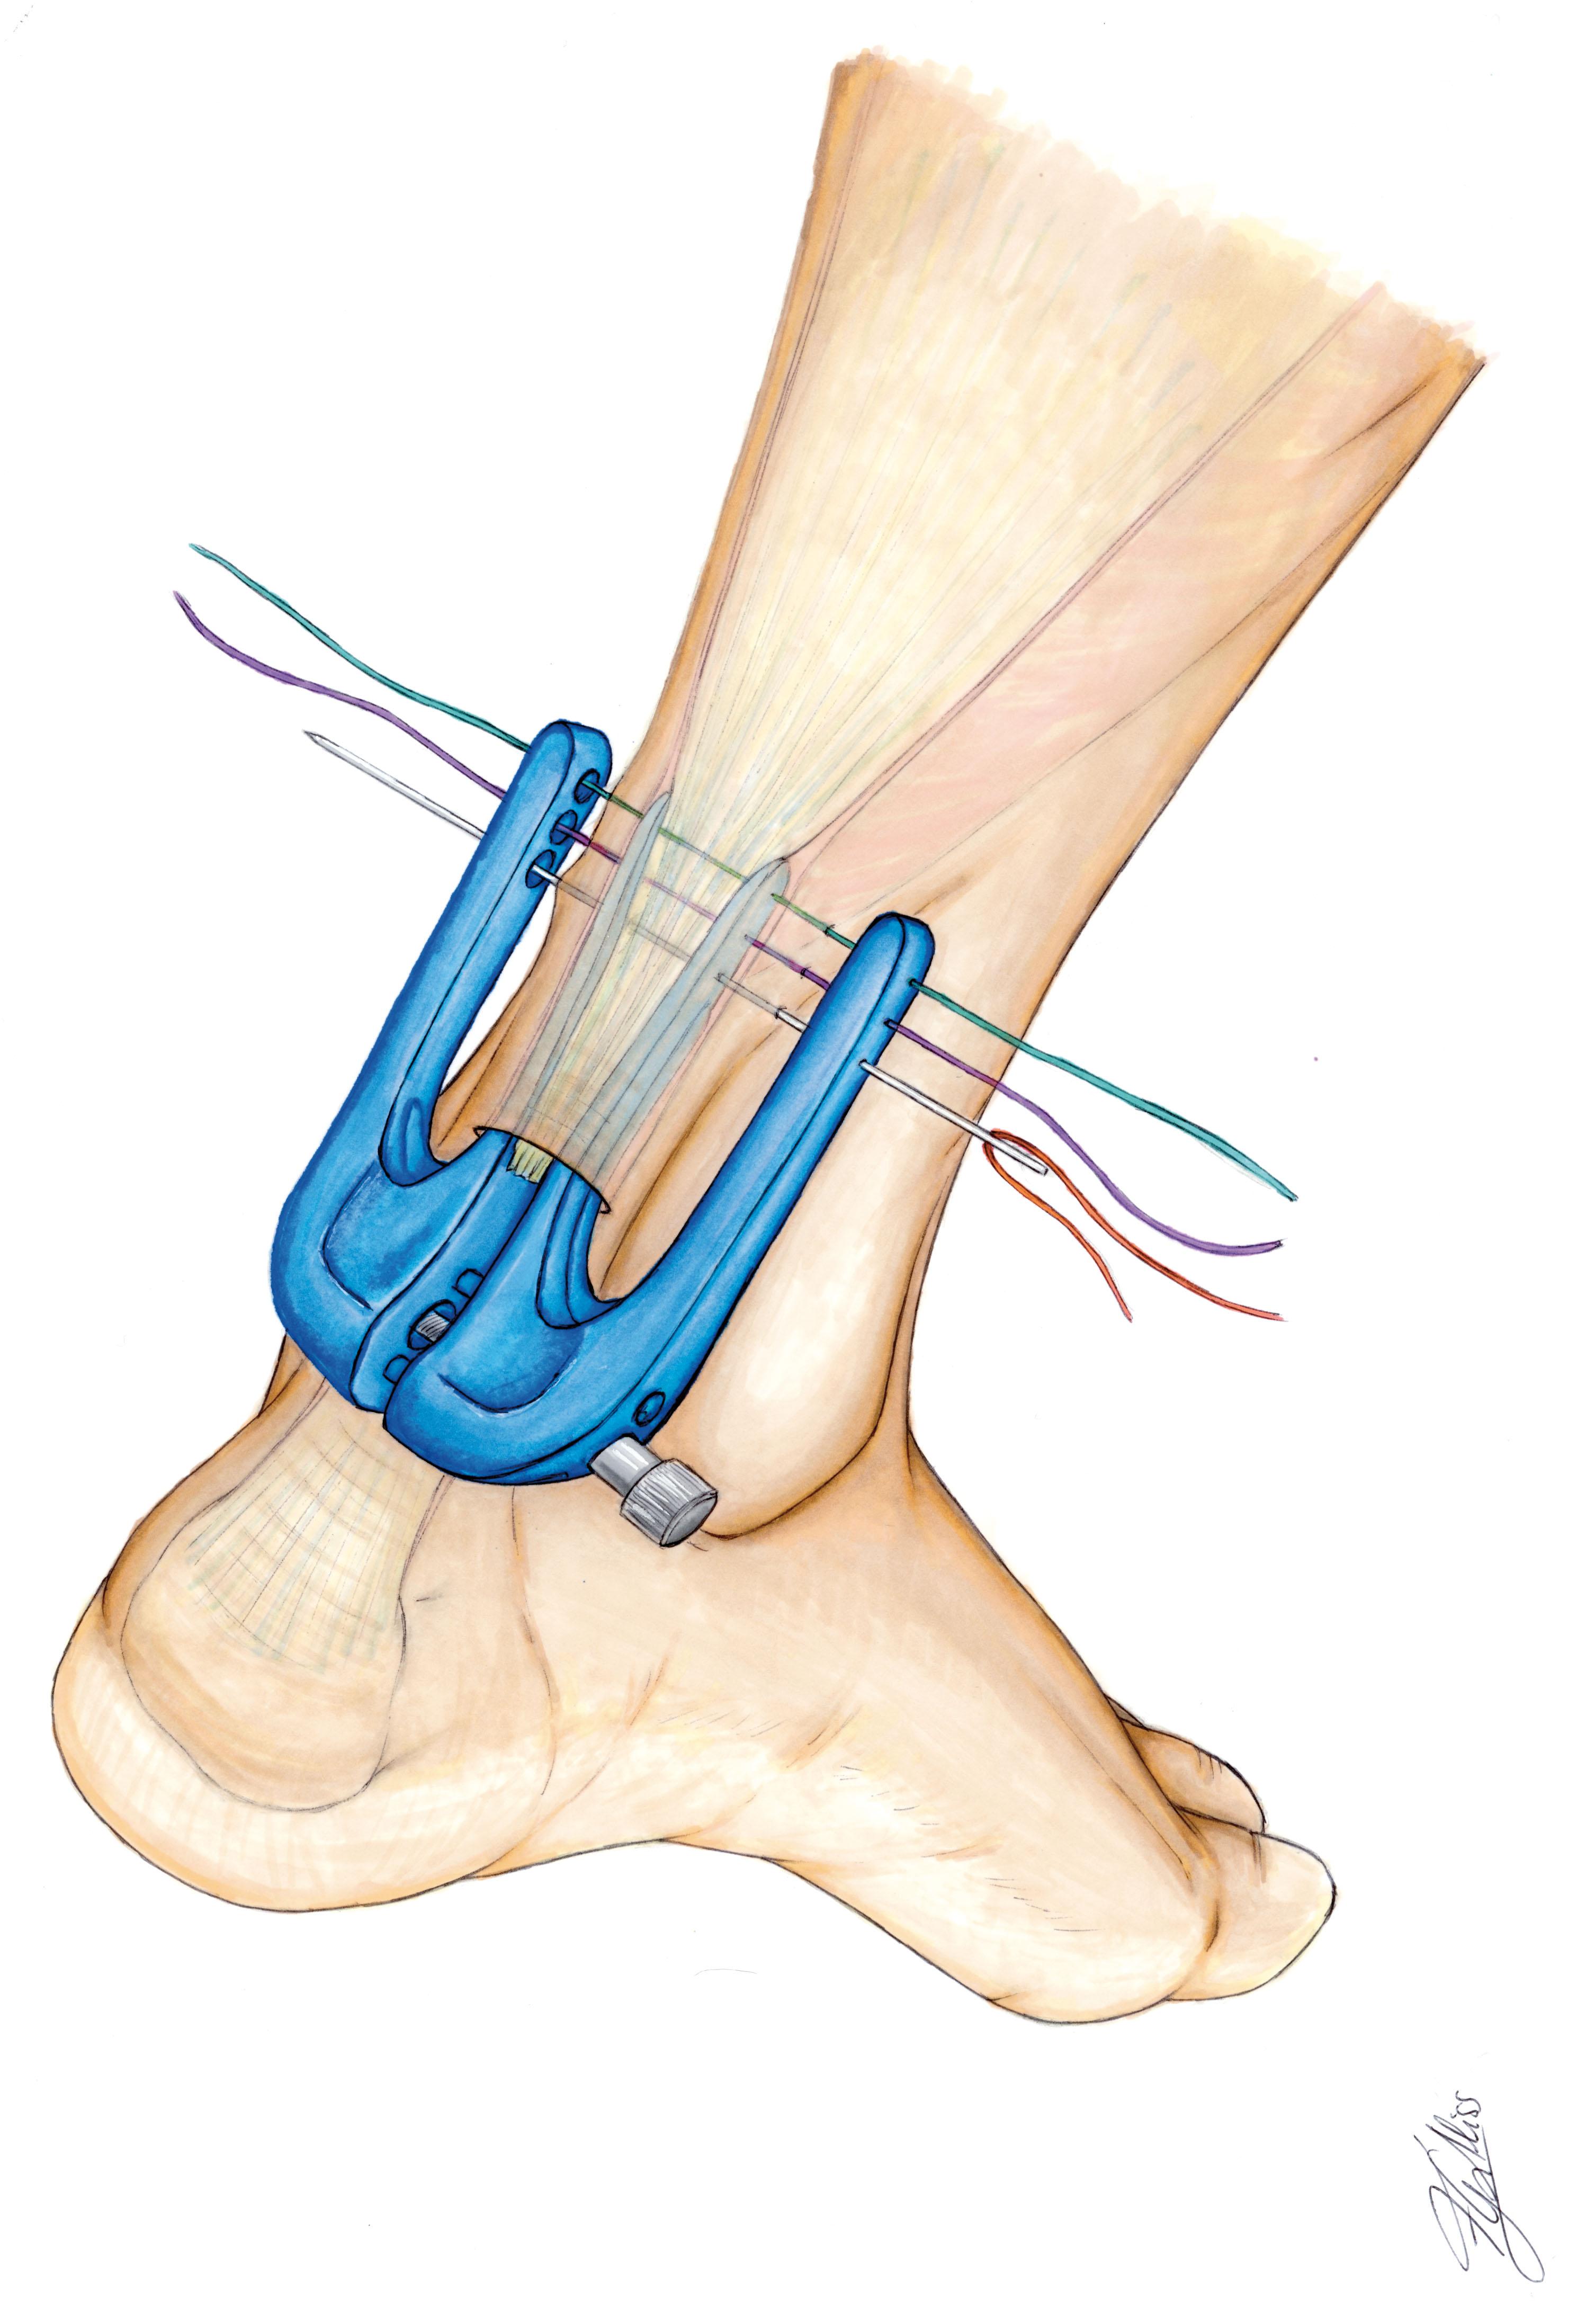 El sistema Achillon para la reparación percutánea del tendón de Aquiles